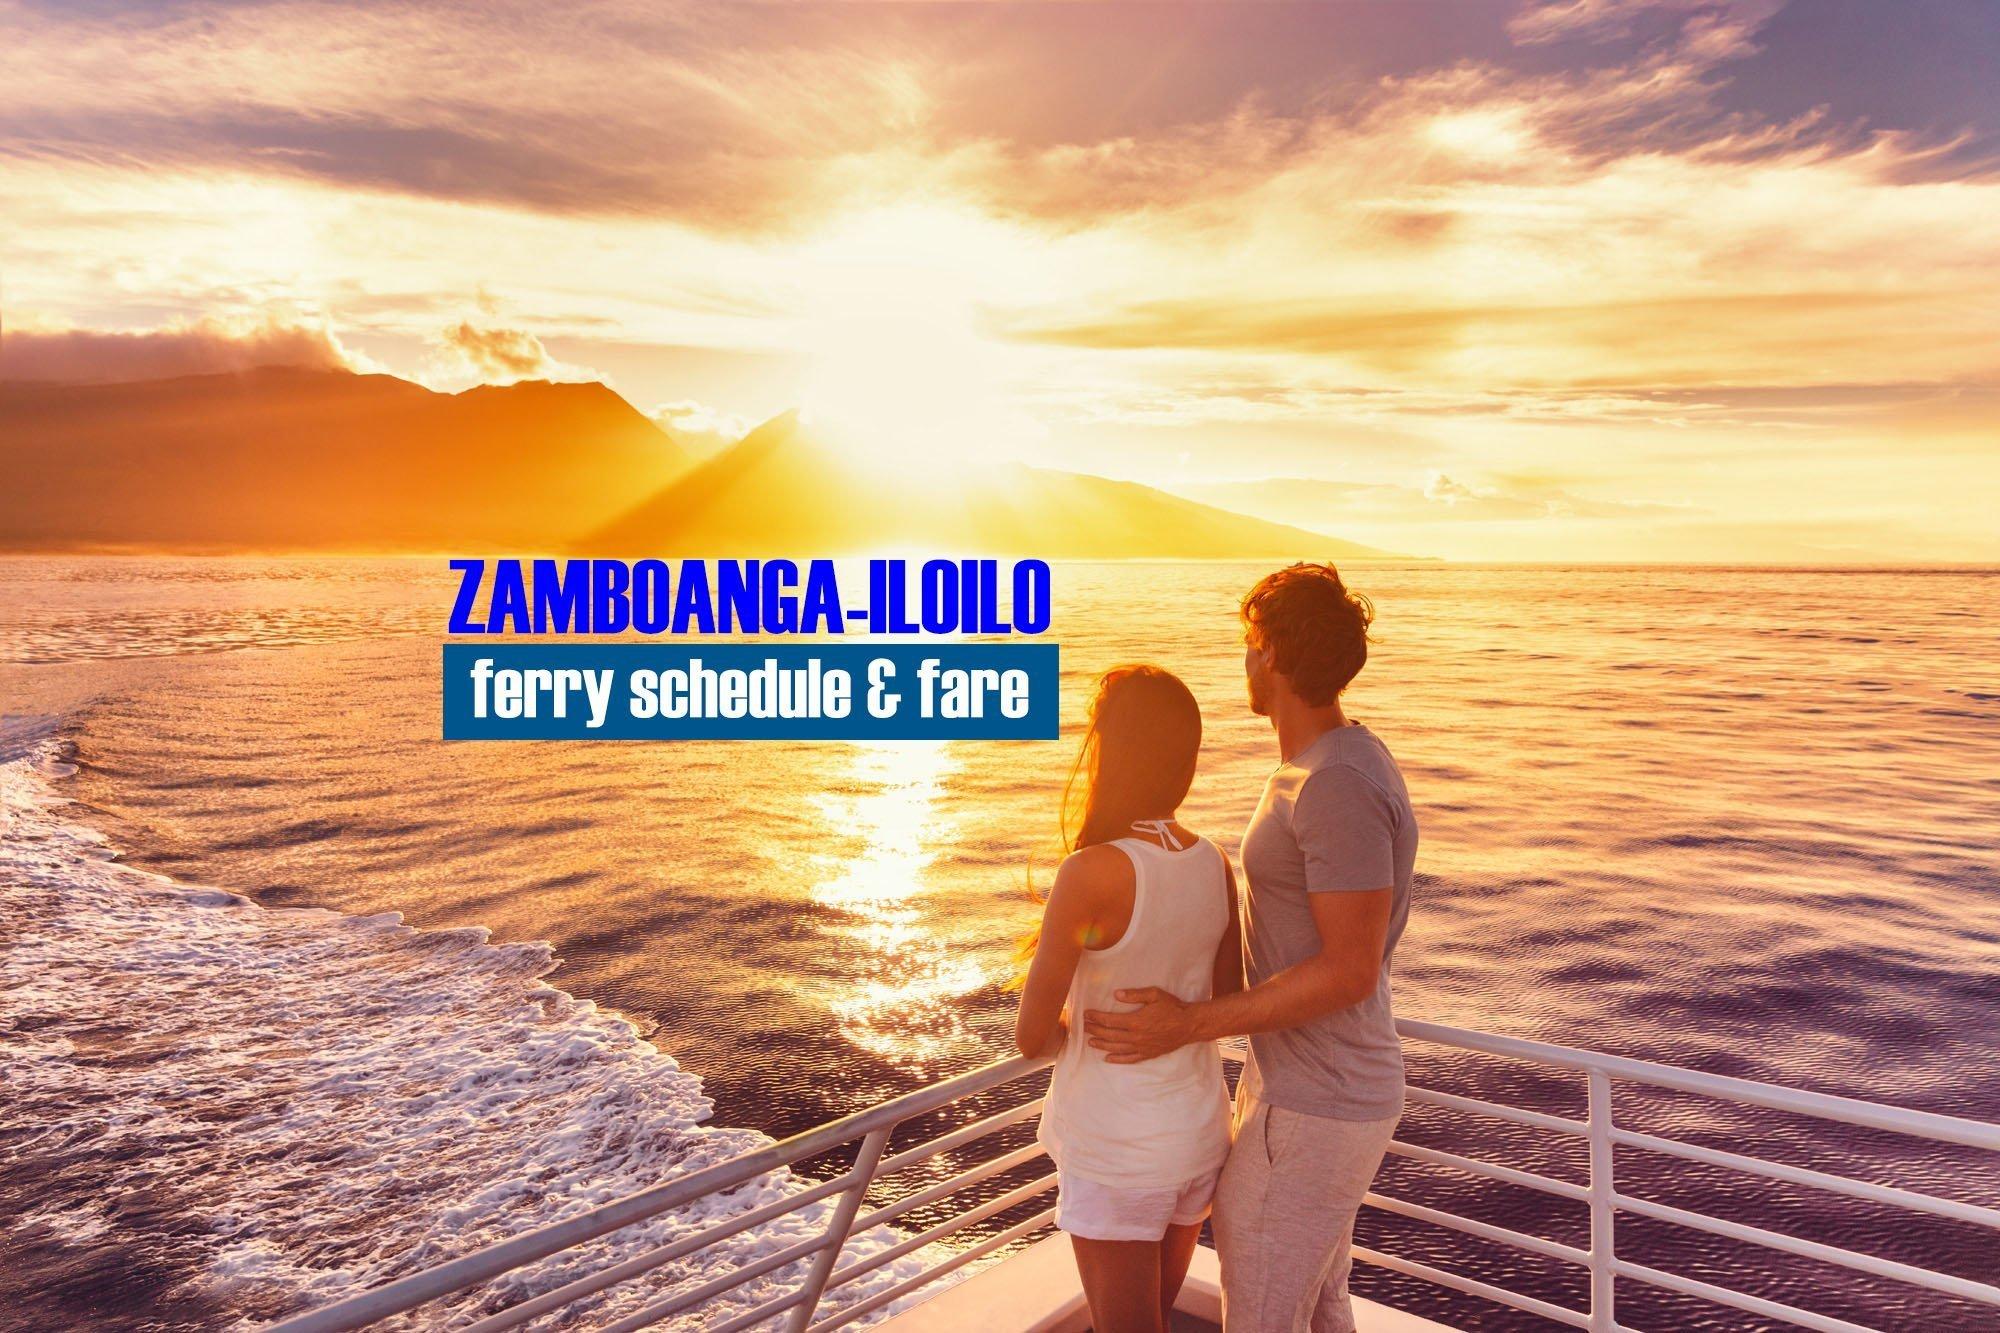 Zamboanga to Iloilo: 2019 Ferry Schedule & Fare